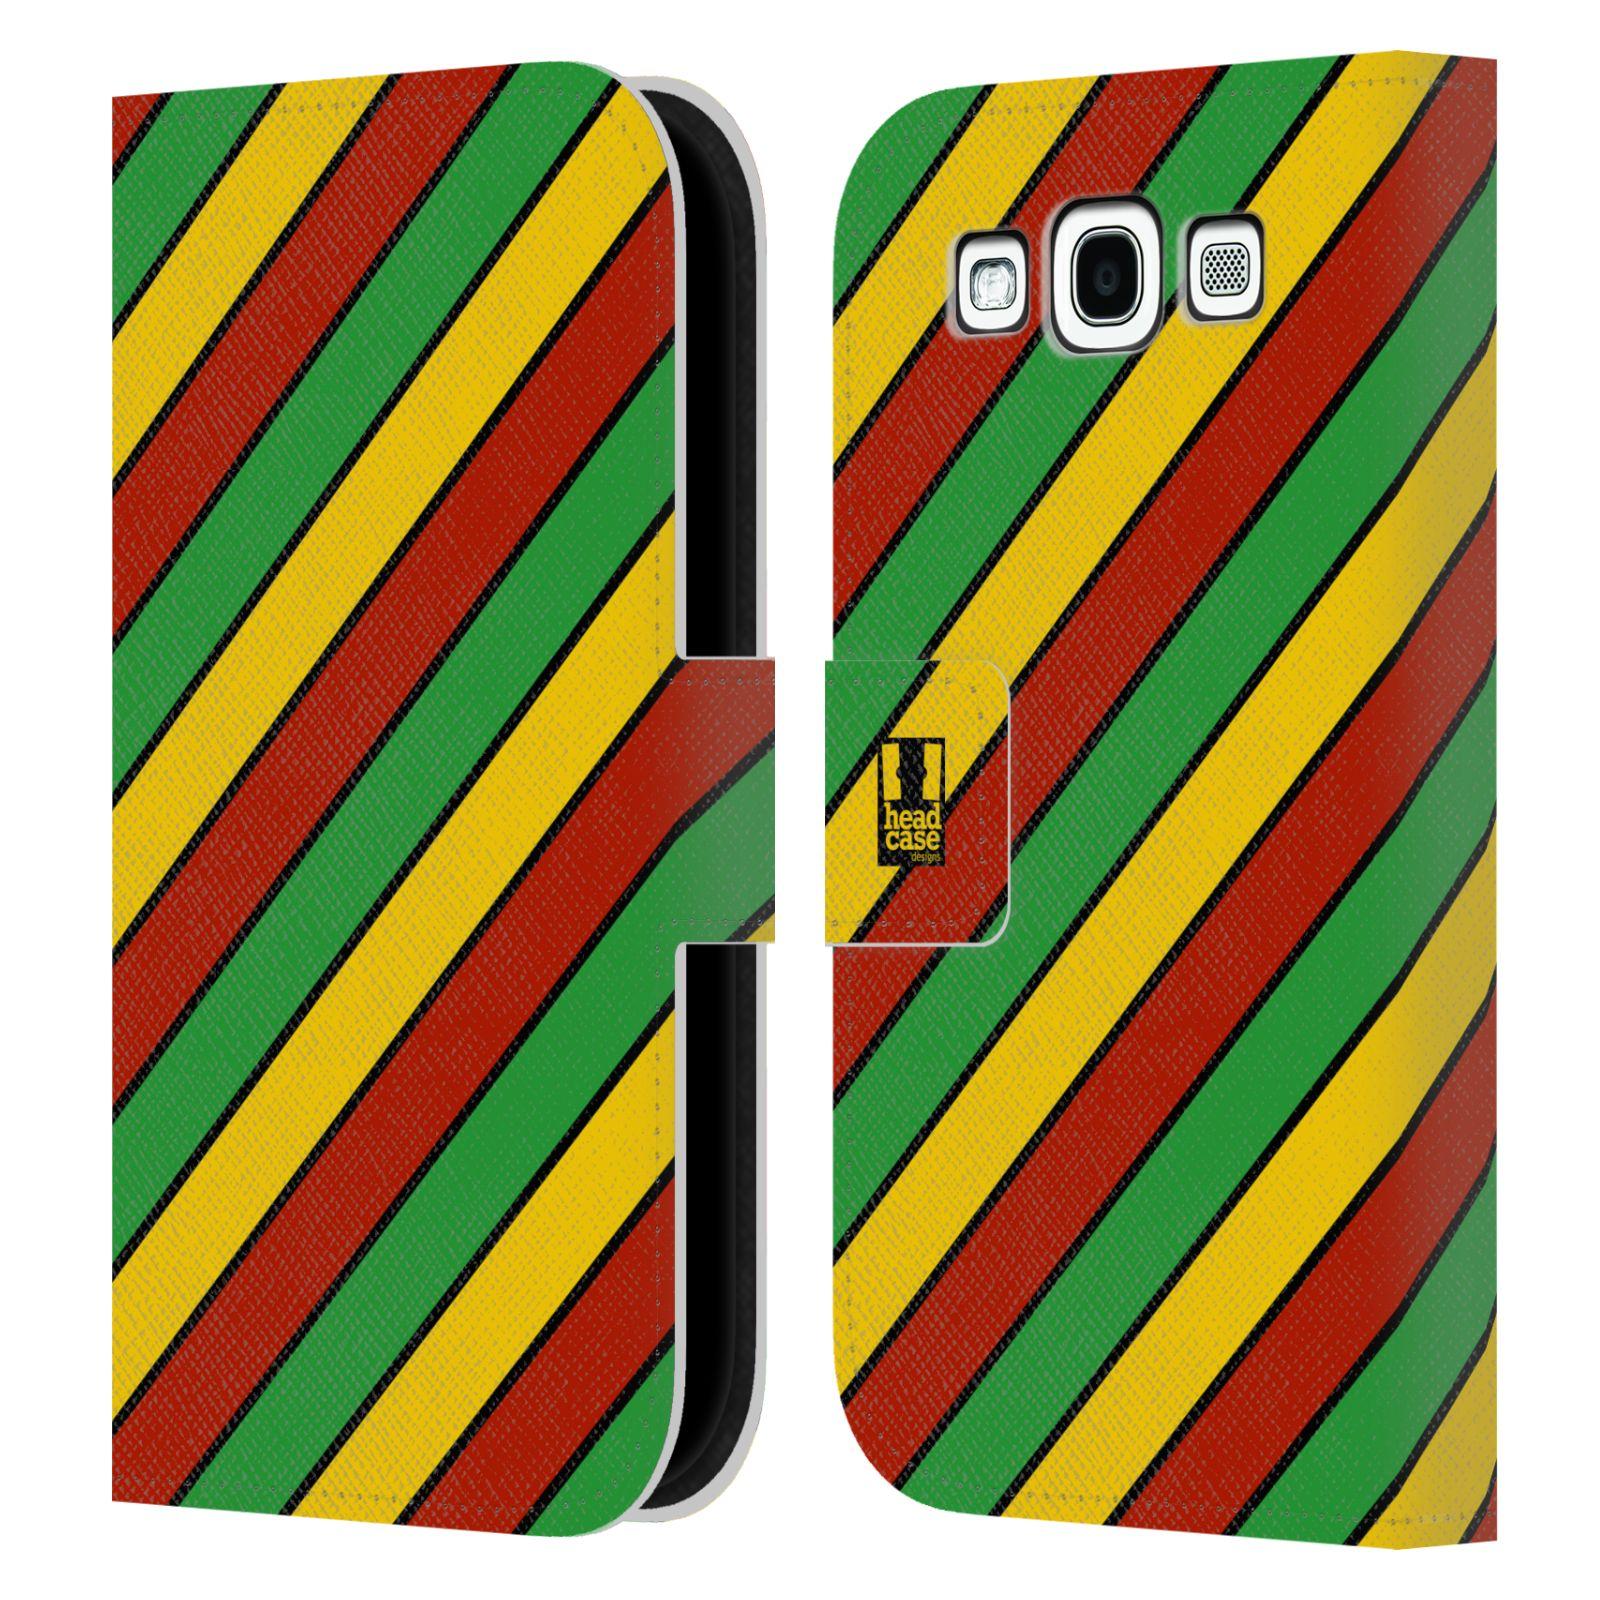 HEAD CASE Flipové pouzdro pro mobil Samsung Galaxy S3 Rastafariánský motiv Jamajka diagonální pruhy